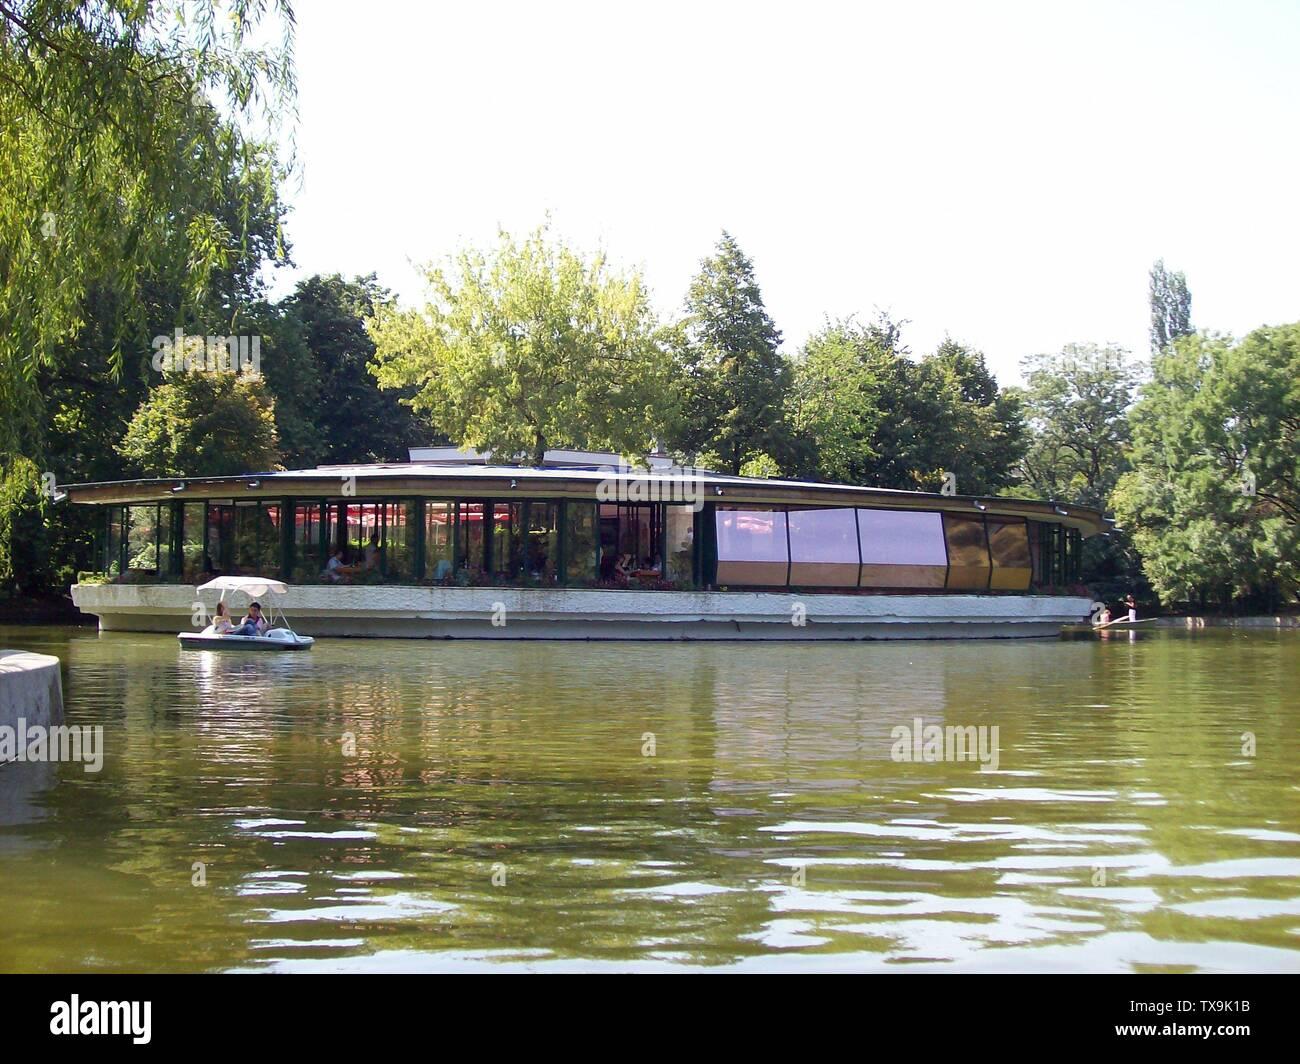 Boekarest Stock Photos & Boekarest Stock Images - Alamy